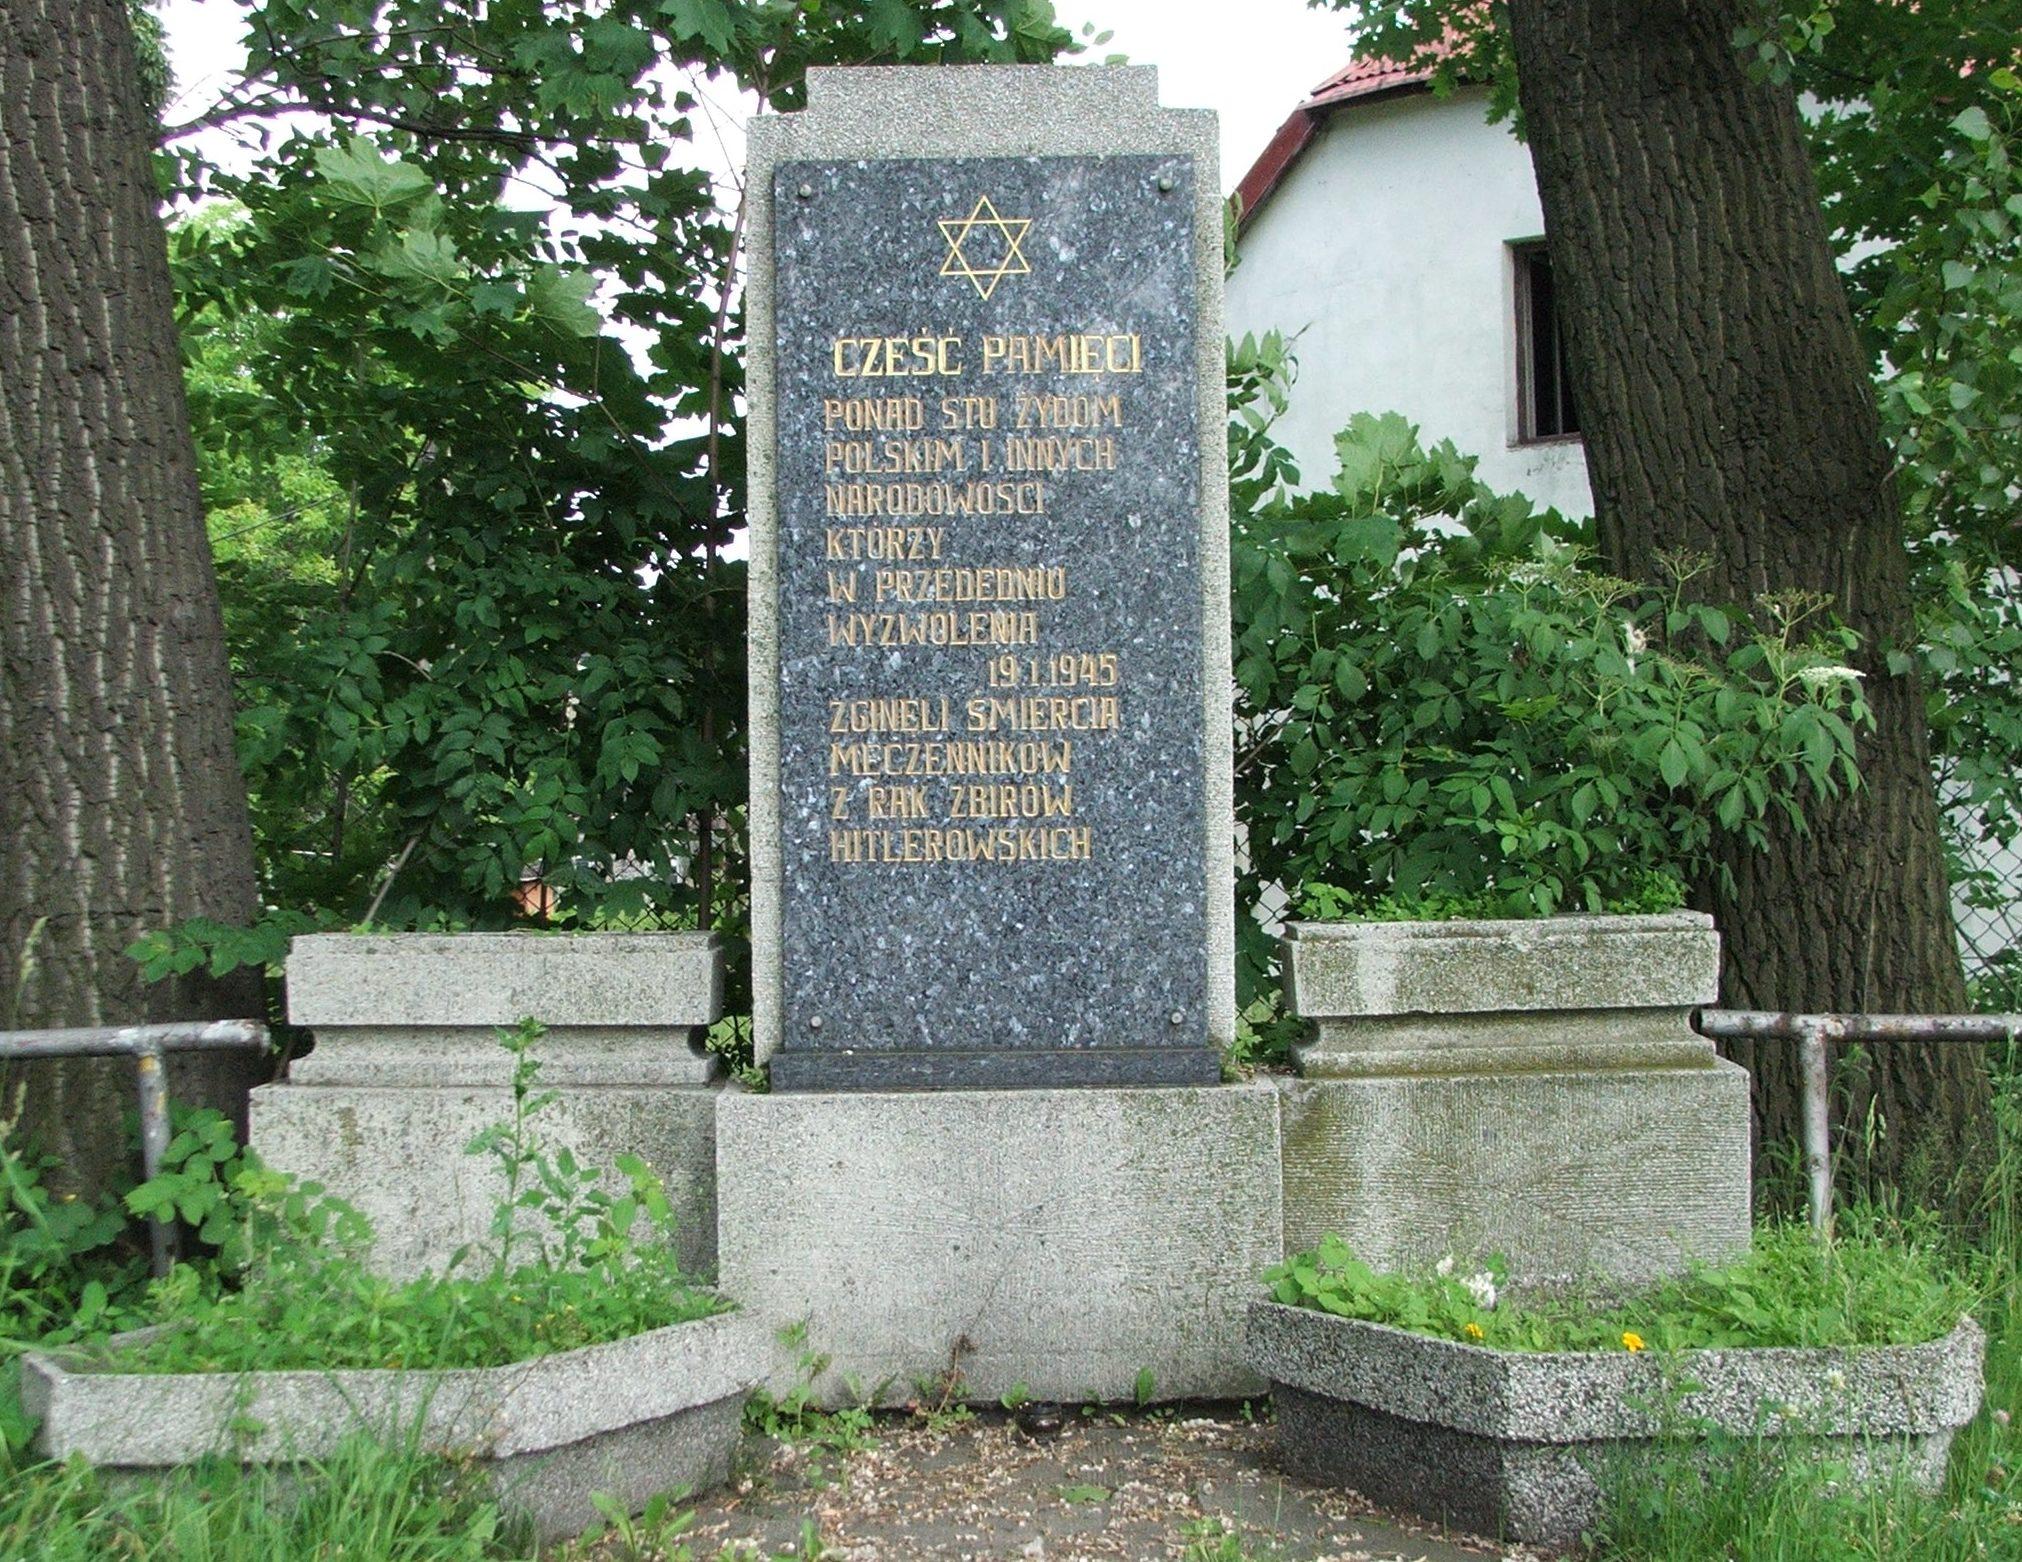 г. Чеховице-Дзедзице, Бельского повята. Памятник жертвам холокоста.